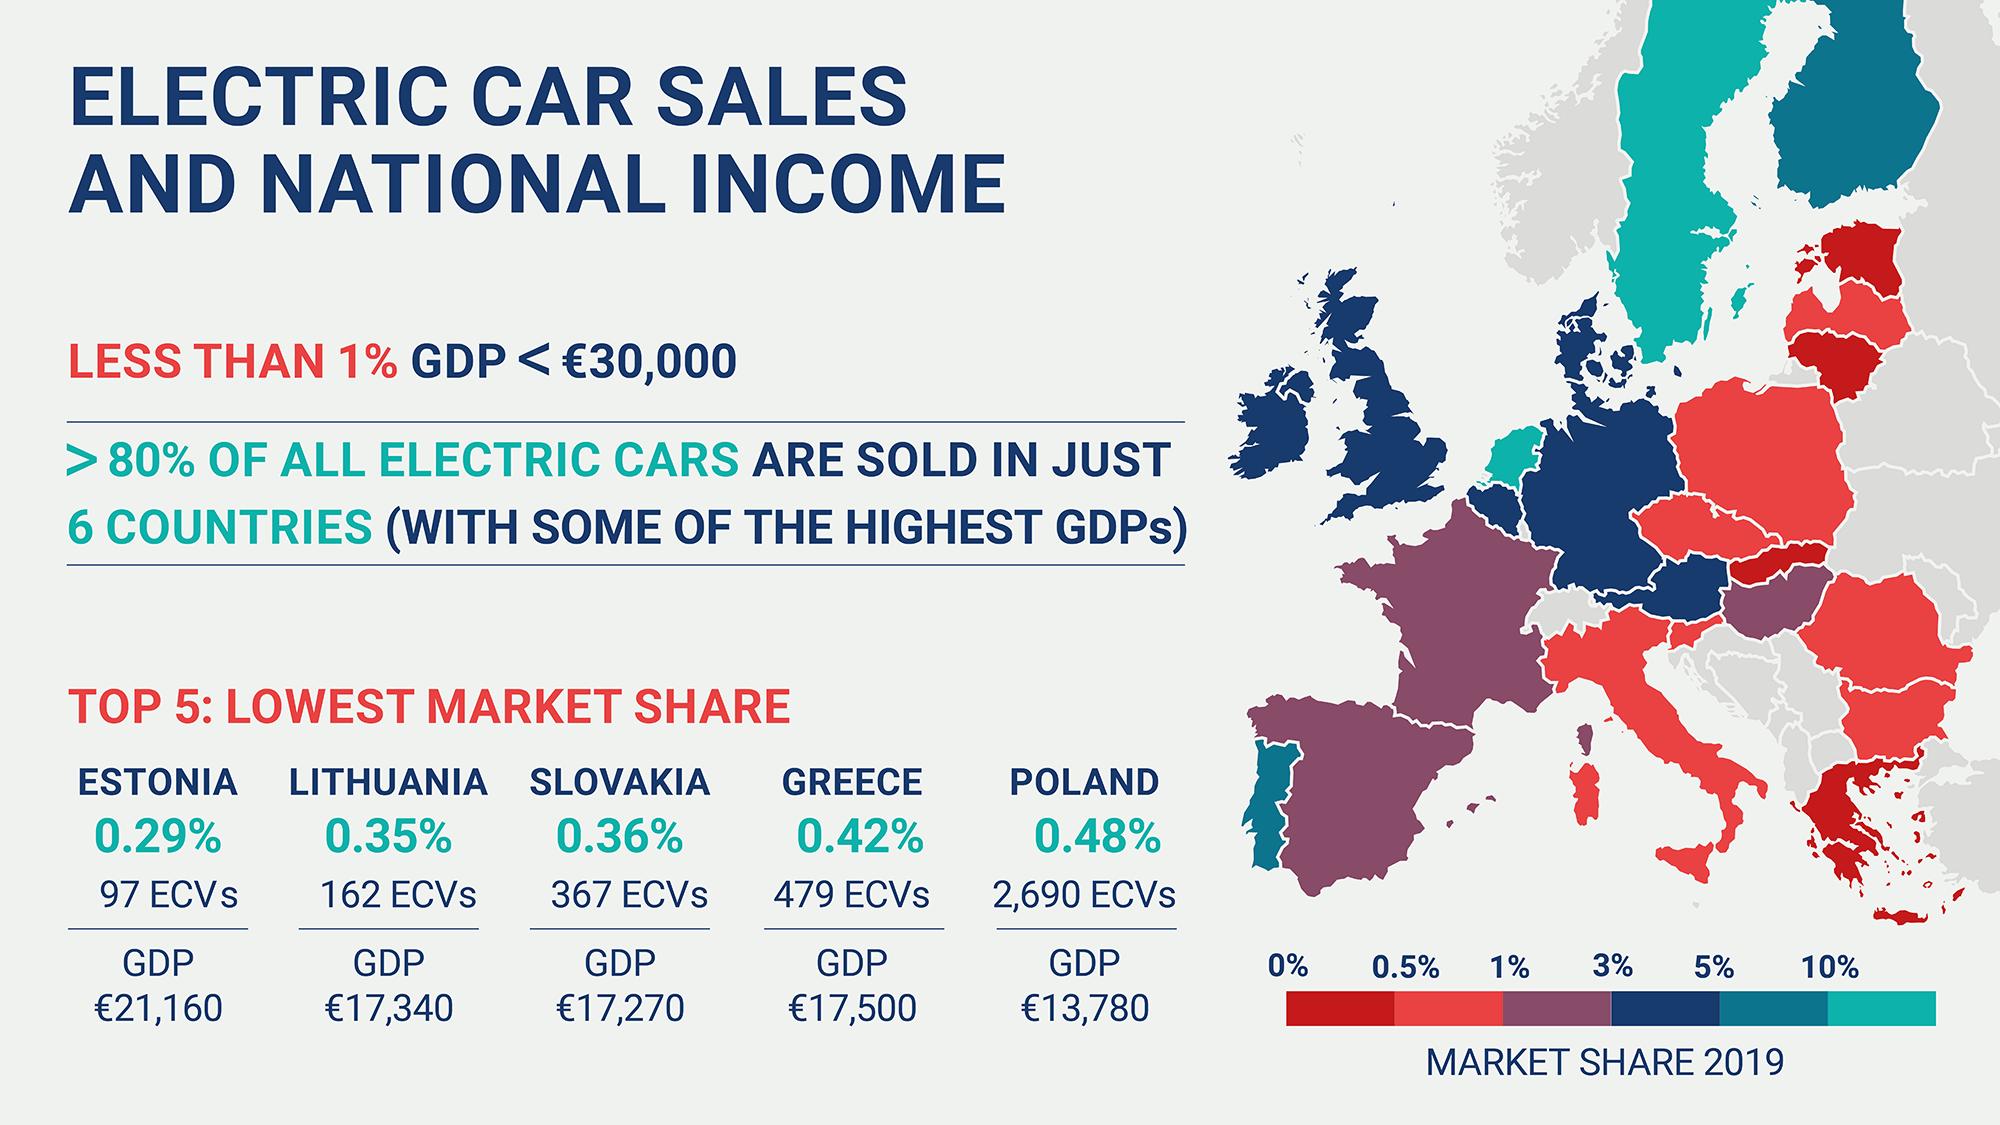 Podiel elektricky dobíjateľných vozidiel a národný príjem (HDP na obyvateľa) v krajinách EÚ (Zdroj: ACEA)